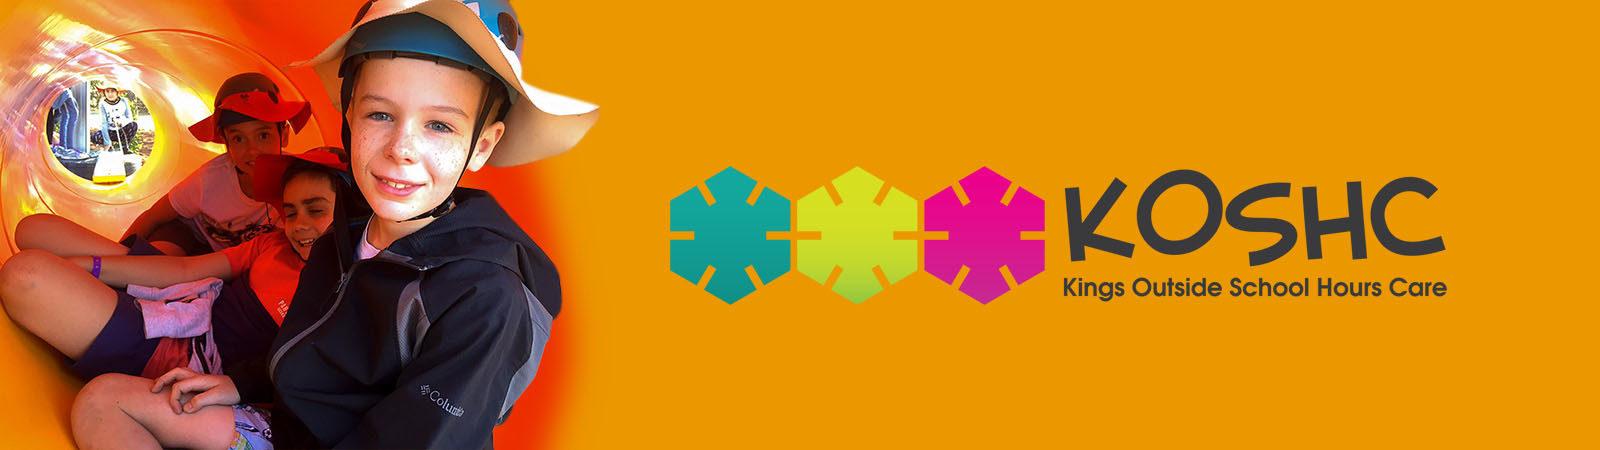 Koschc Internal Banner